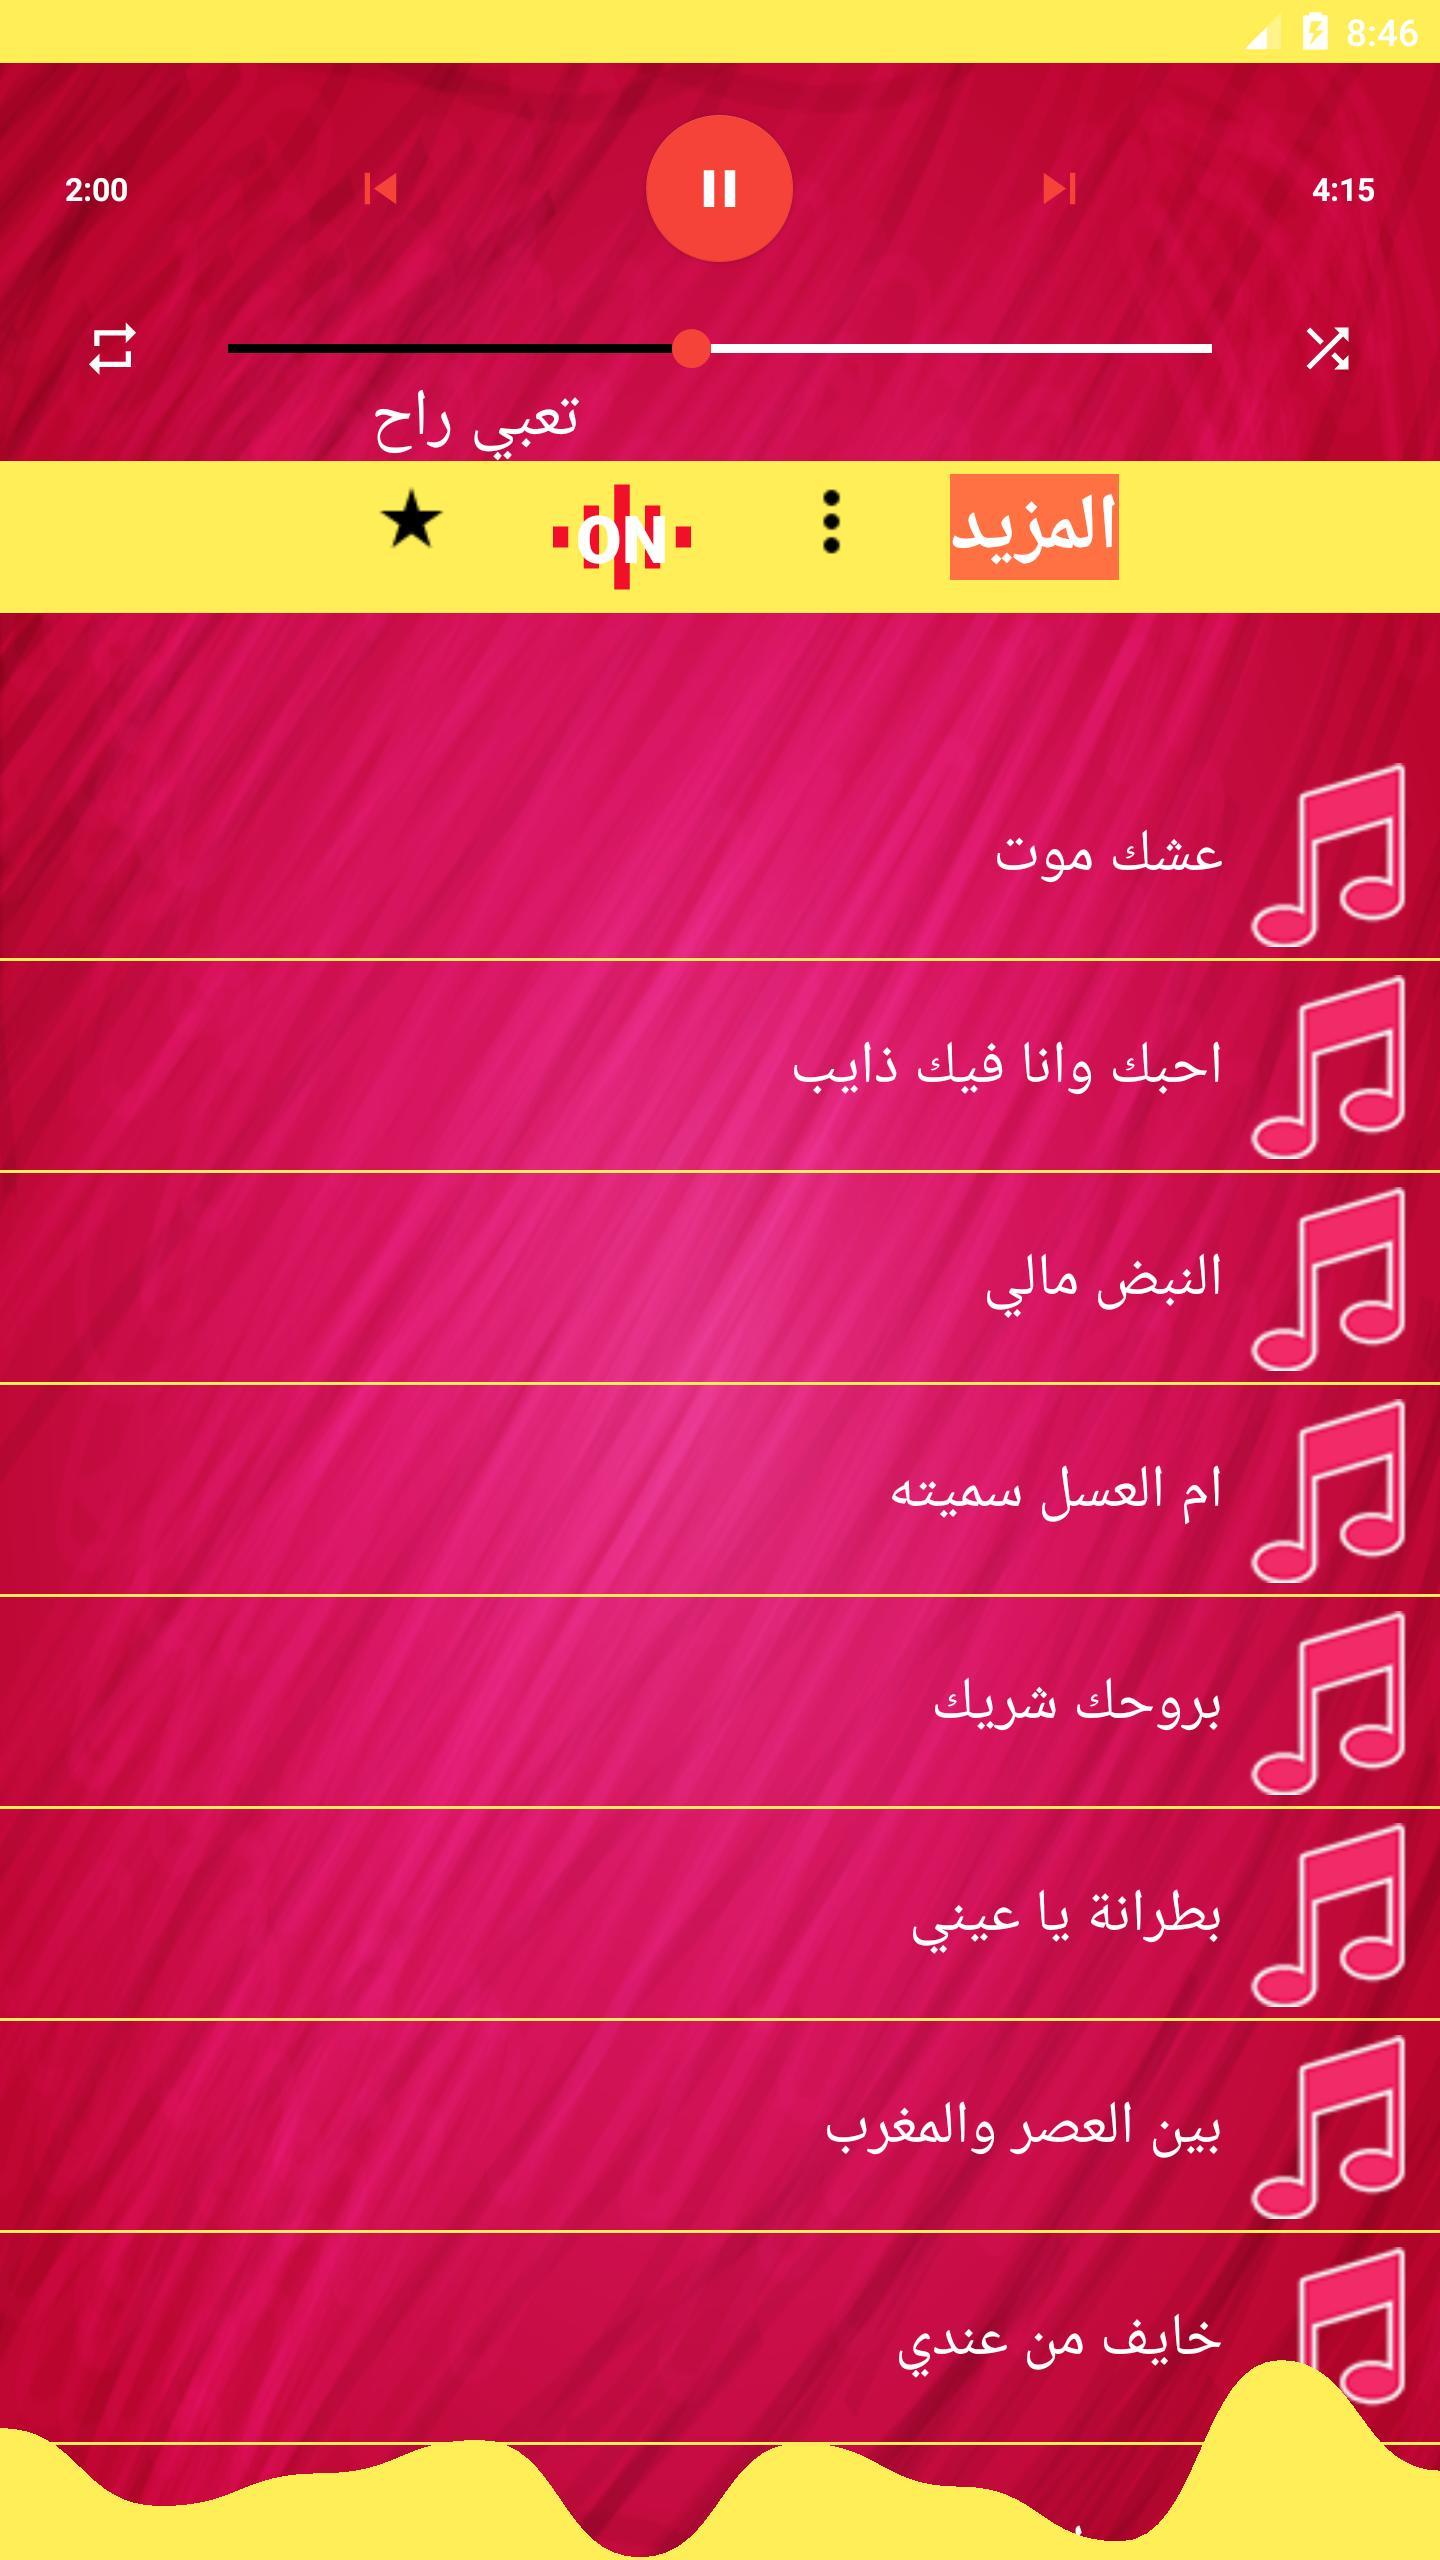 اغاني سيف نبيل بدون نت 2019 الجديده Saif Nabeal For Android